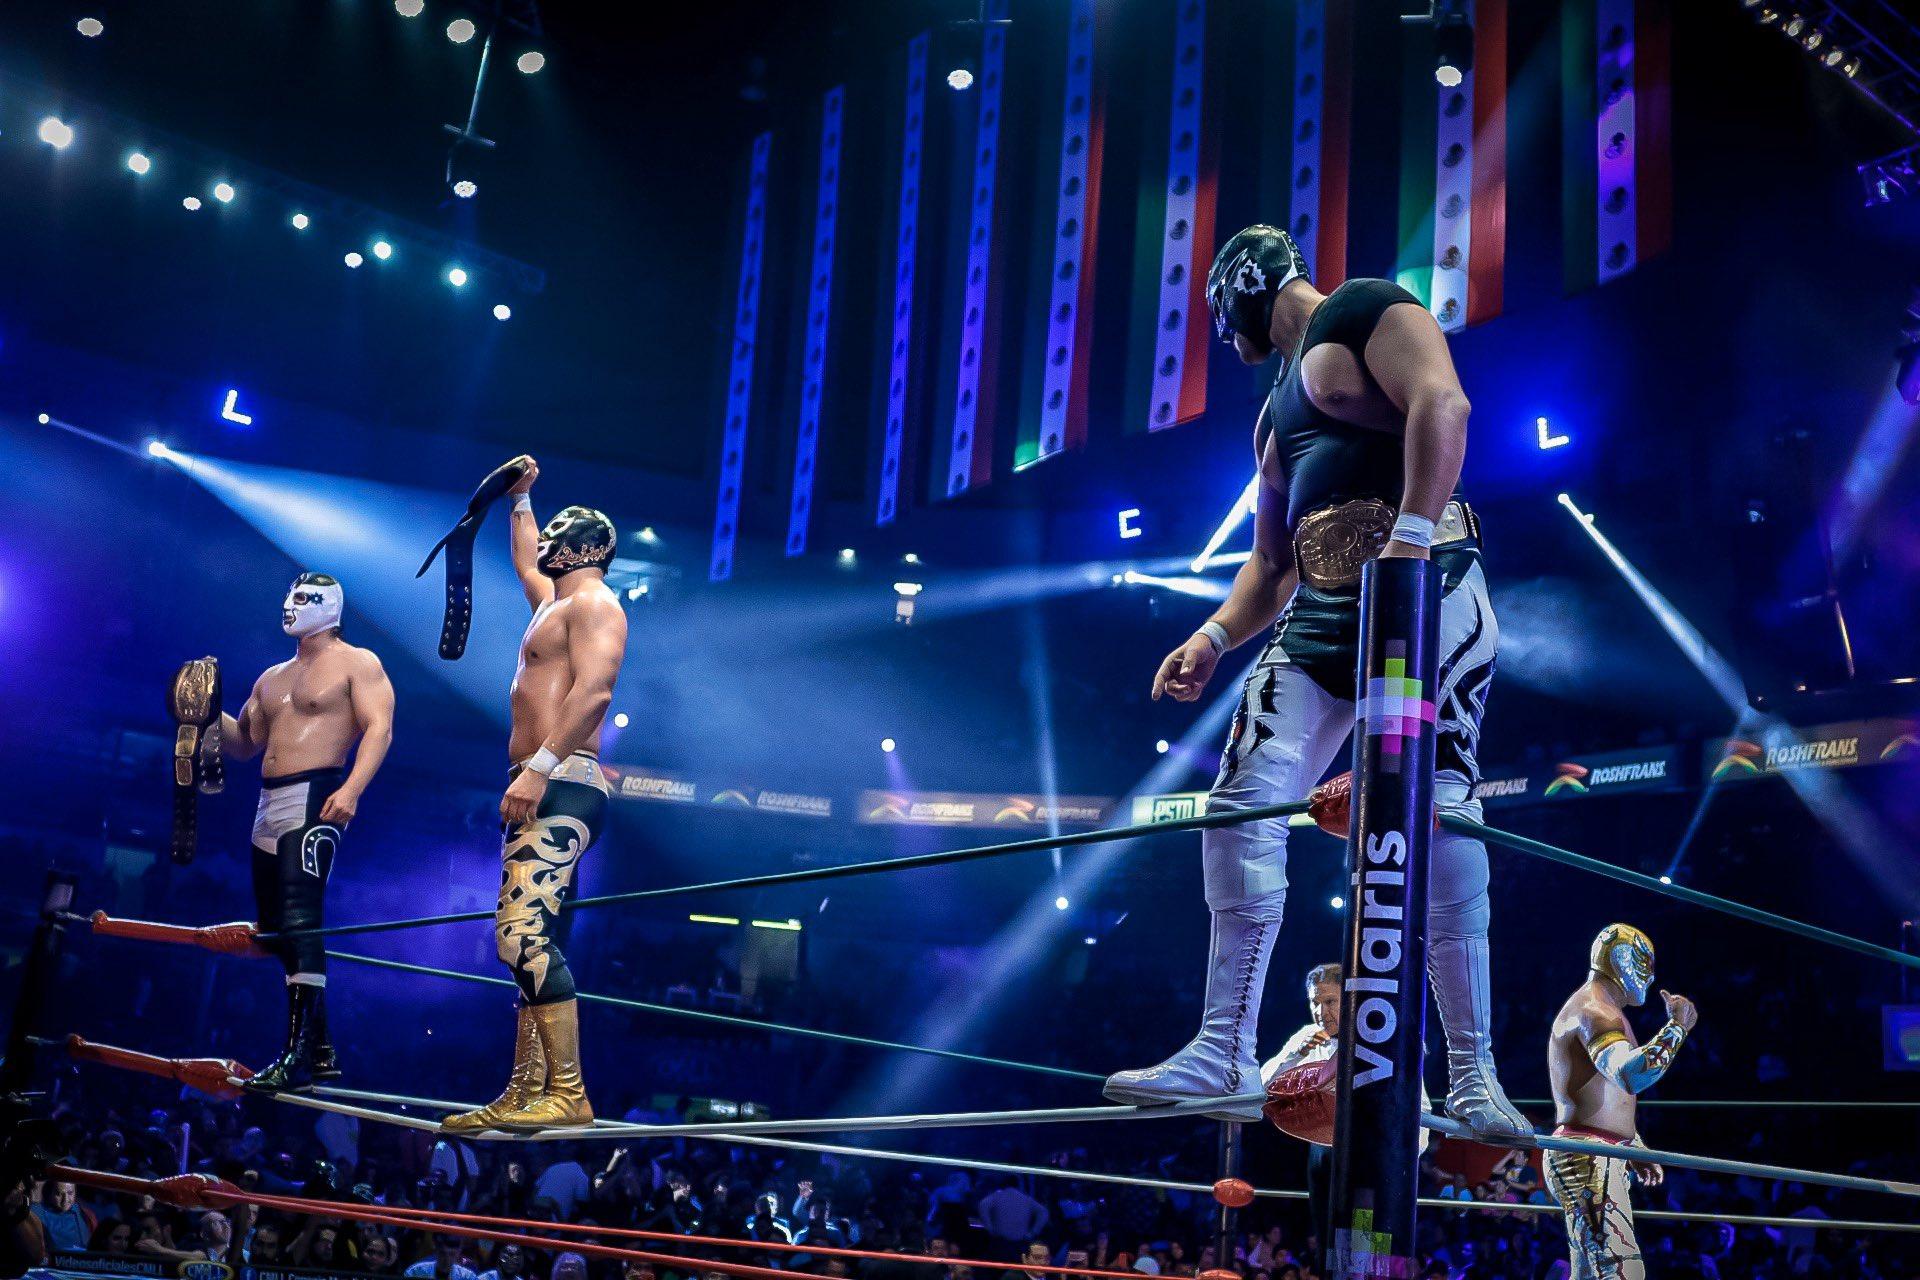 CMLL Aniversario 86 (27 de septiembre 2019) | Resultados en vivo | 7 cabelleras en juego 15